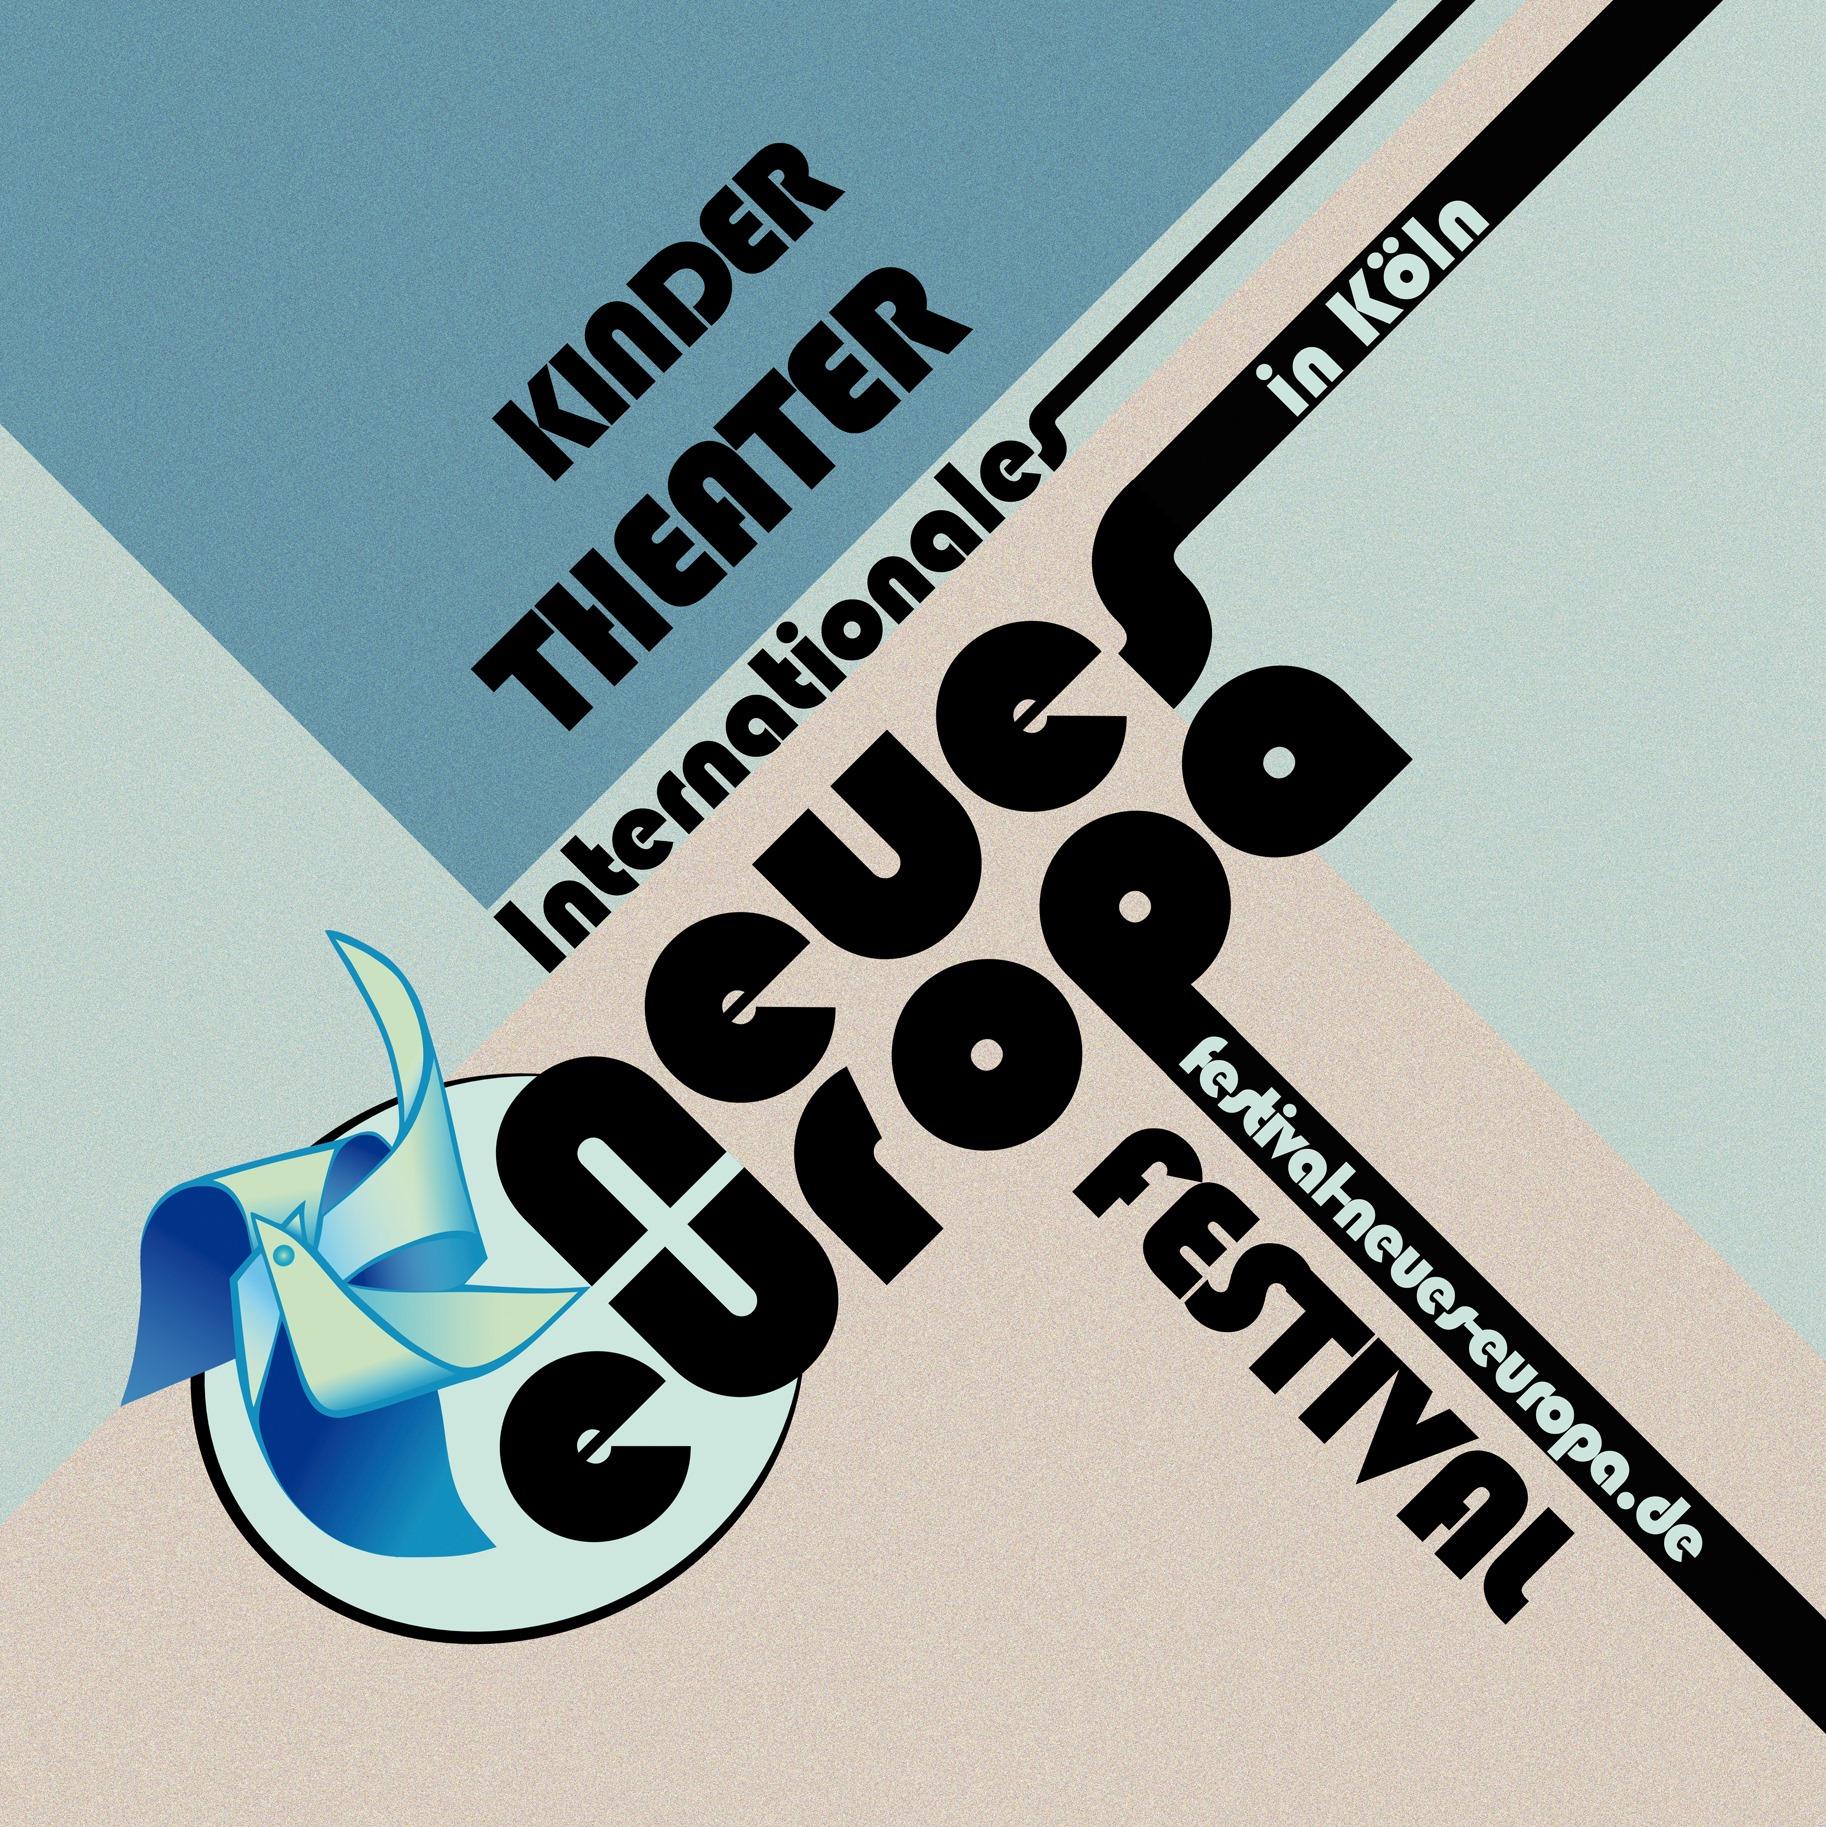 N.E.T.T. - Neues Europa Theater Treffen